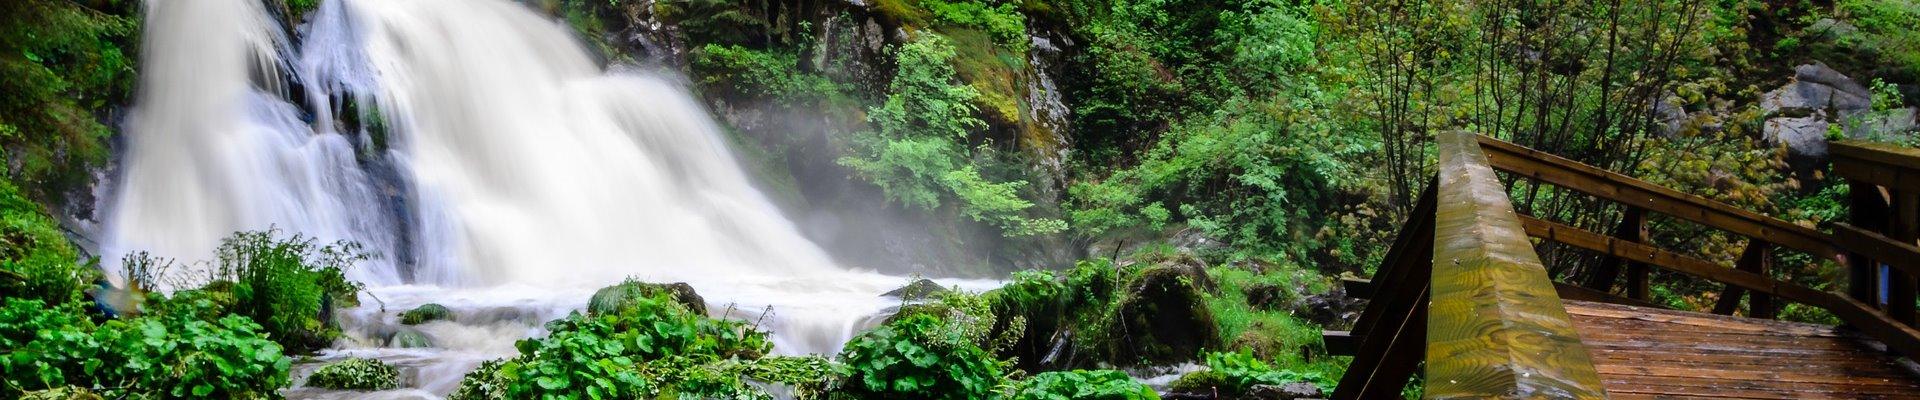 Erlebnis Slider 1920x400: Triberger Wasserfälle